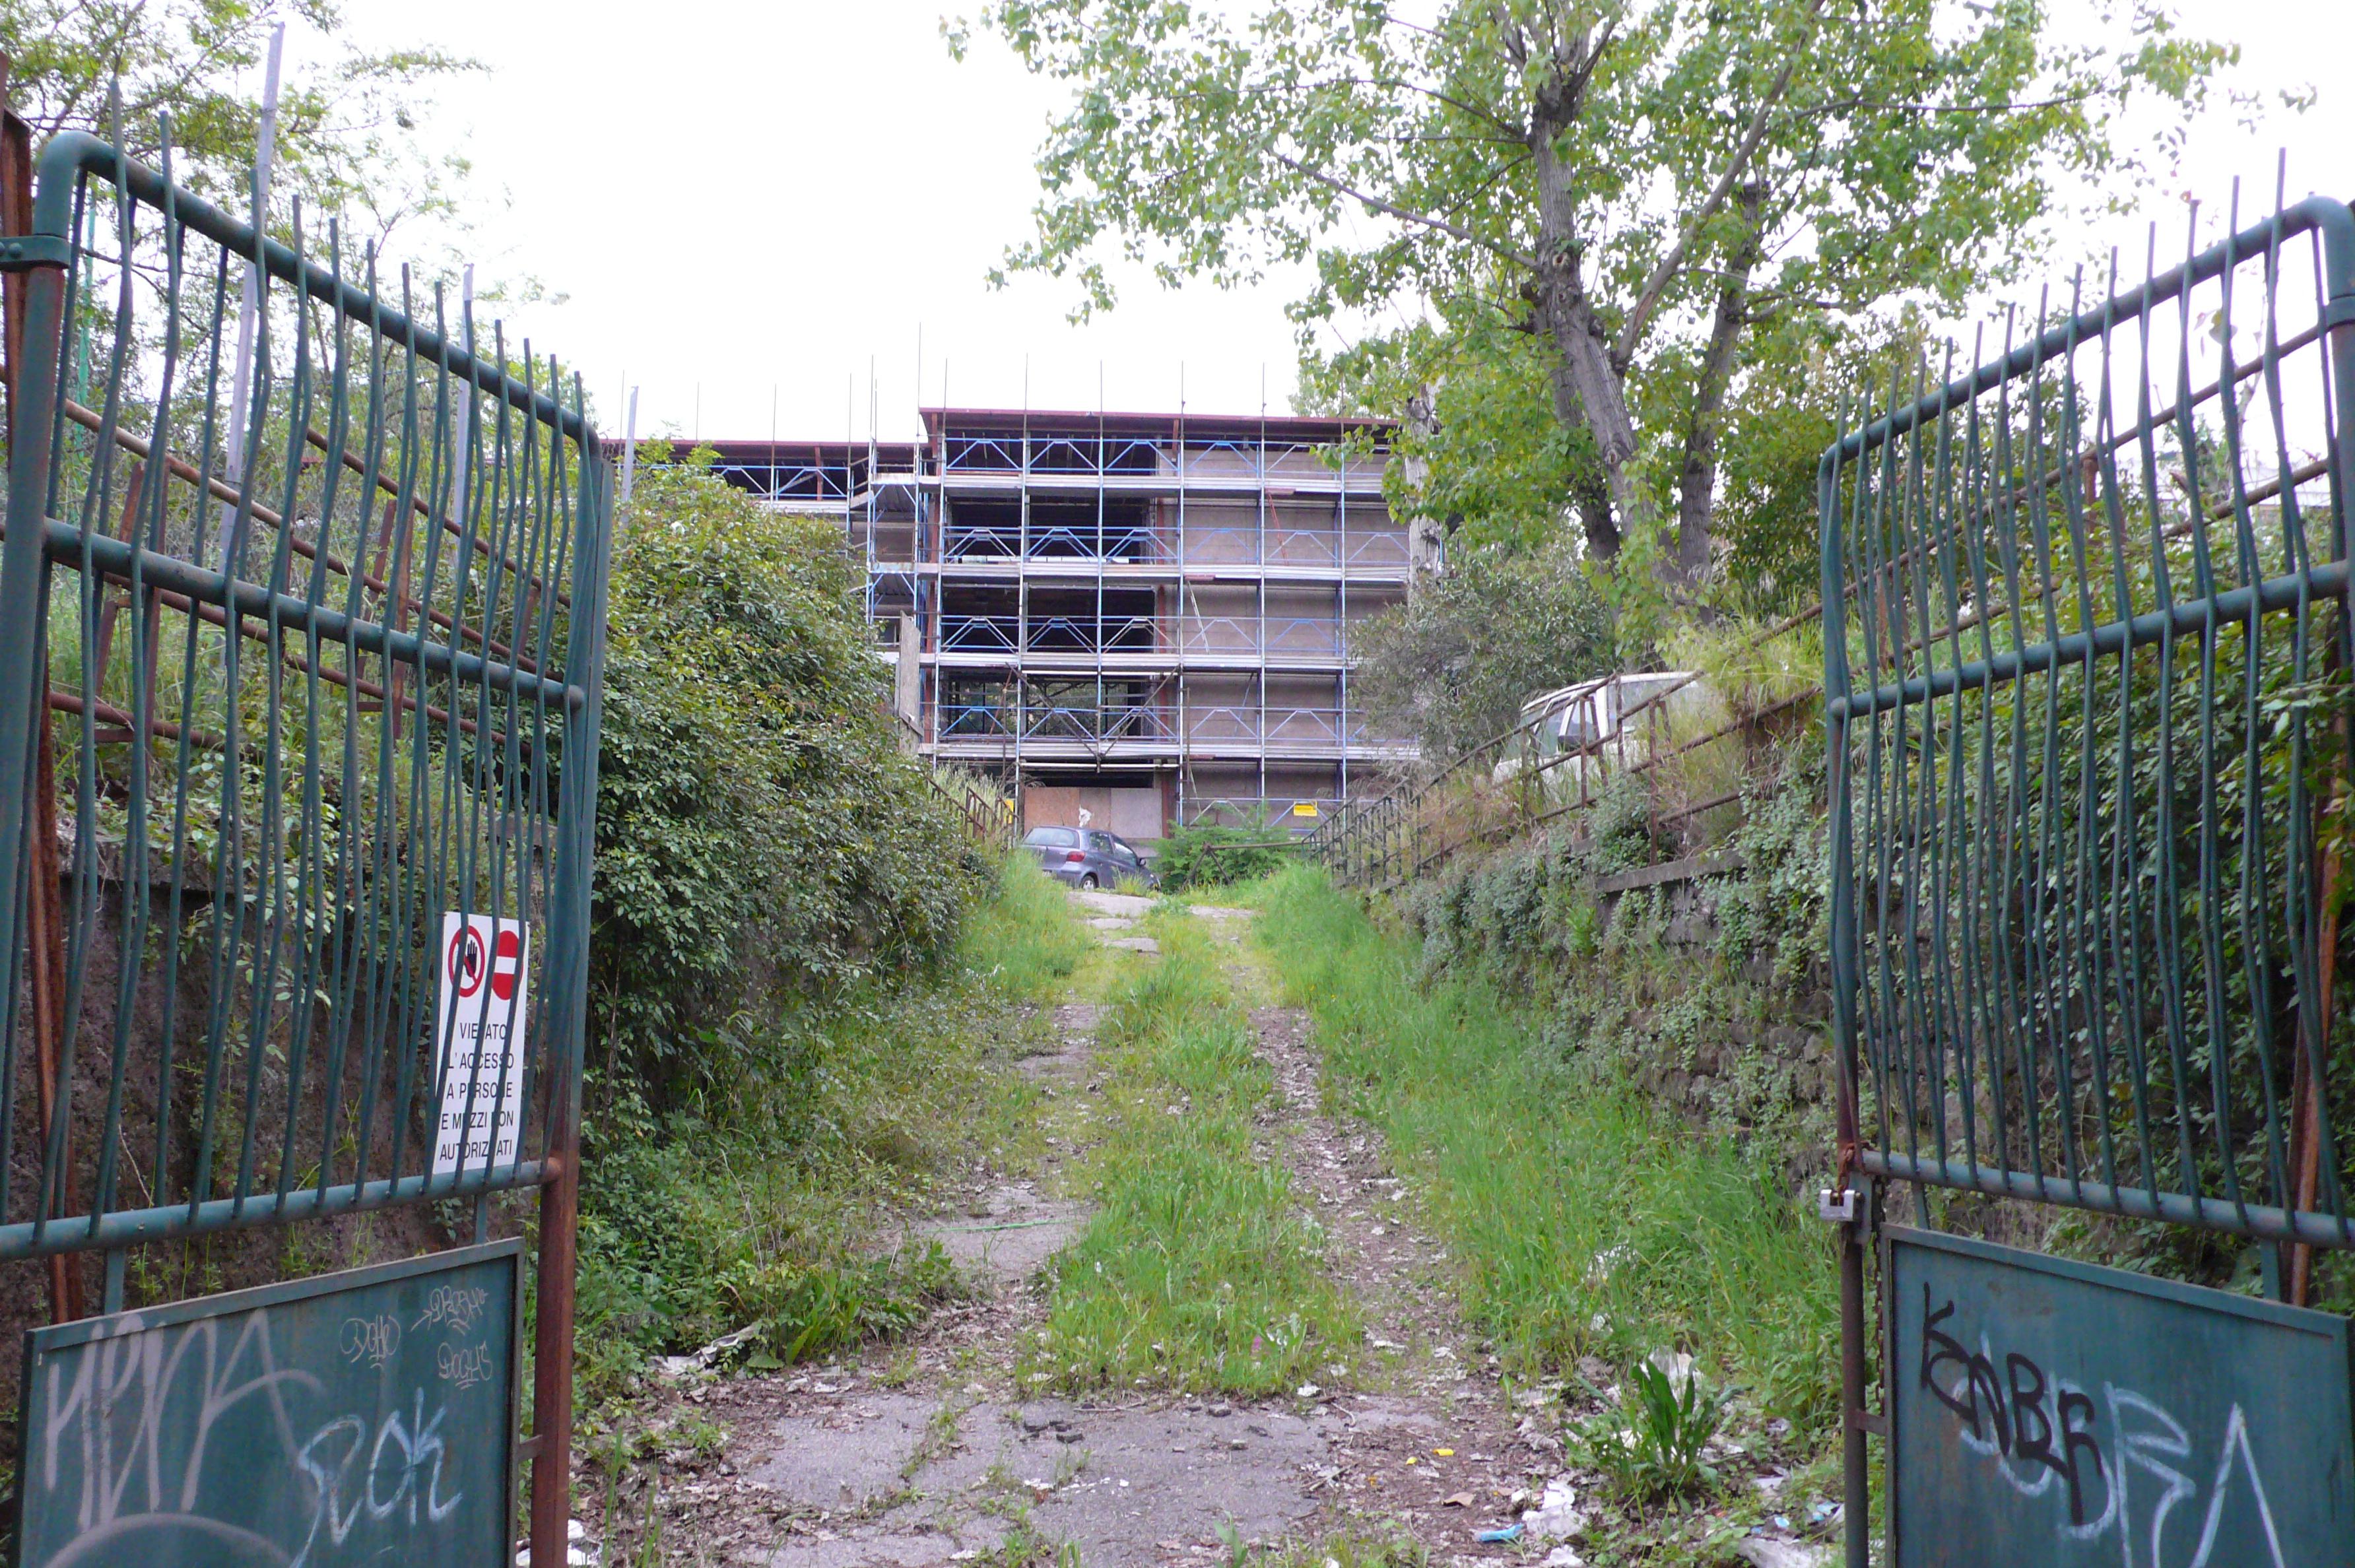 Pour répondre au mal logement, l'autorecupero en Italie